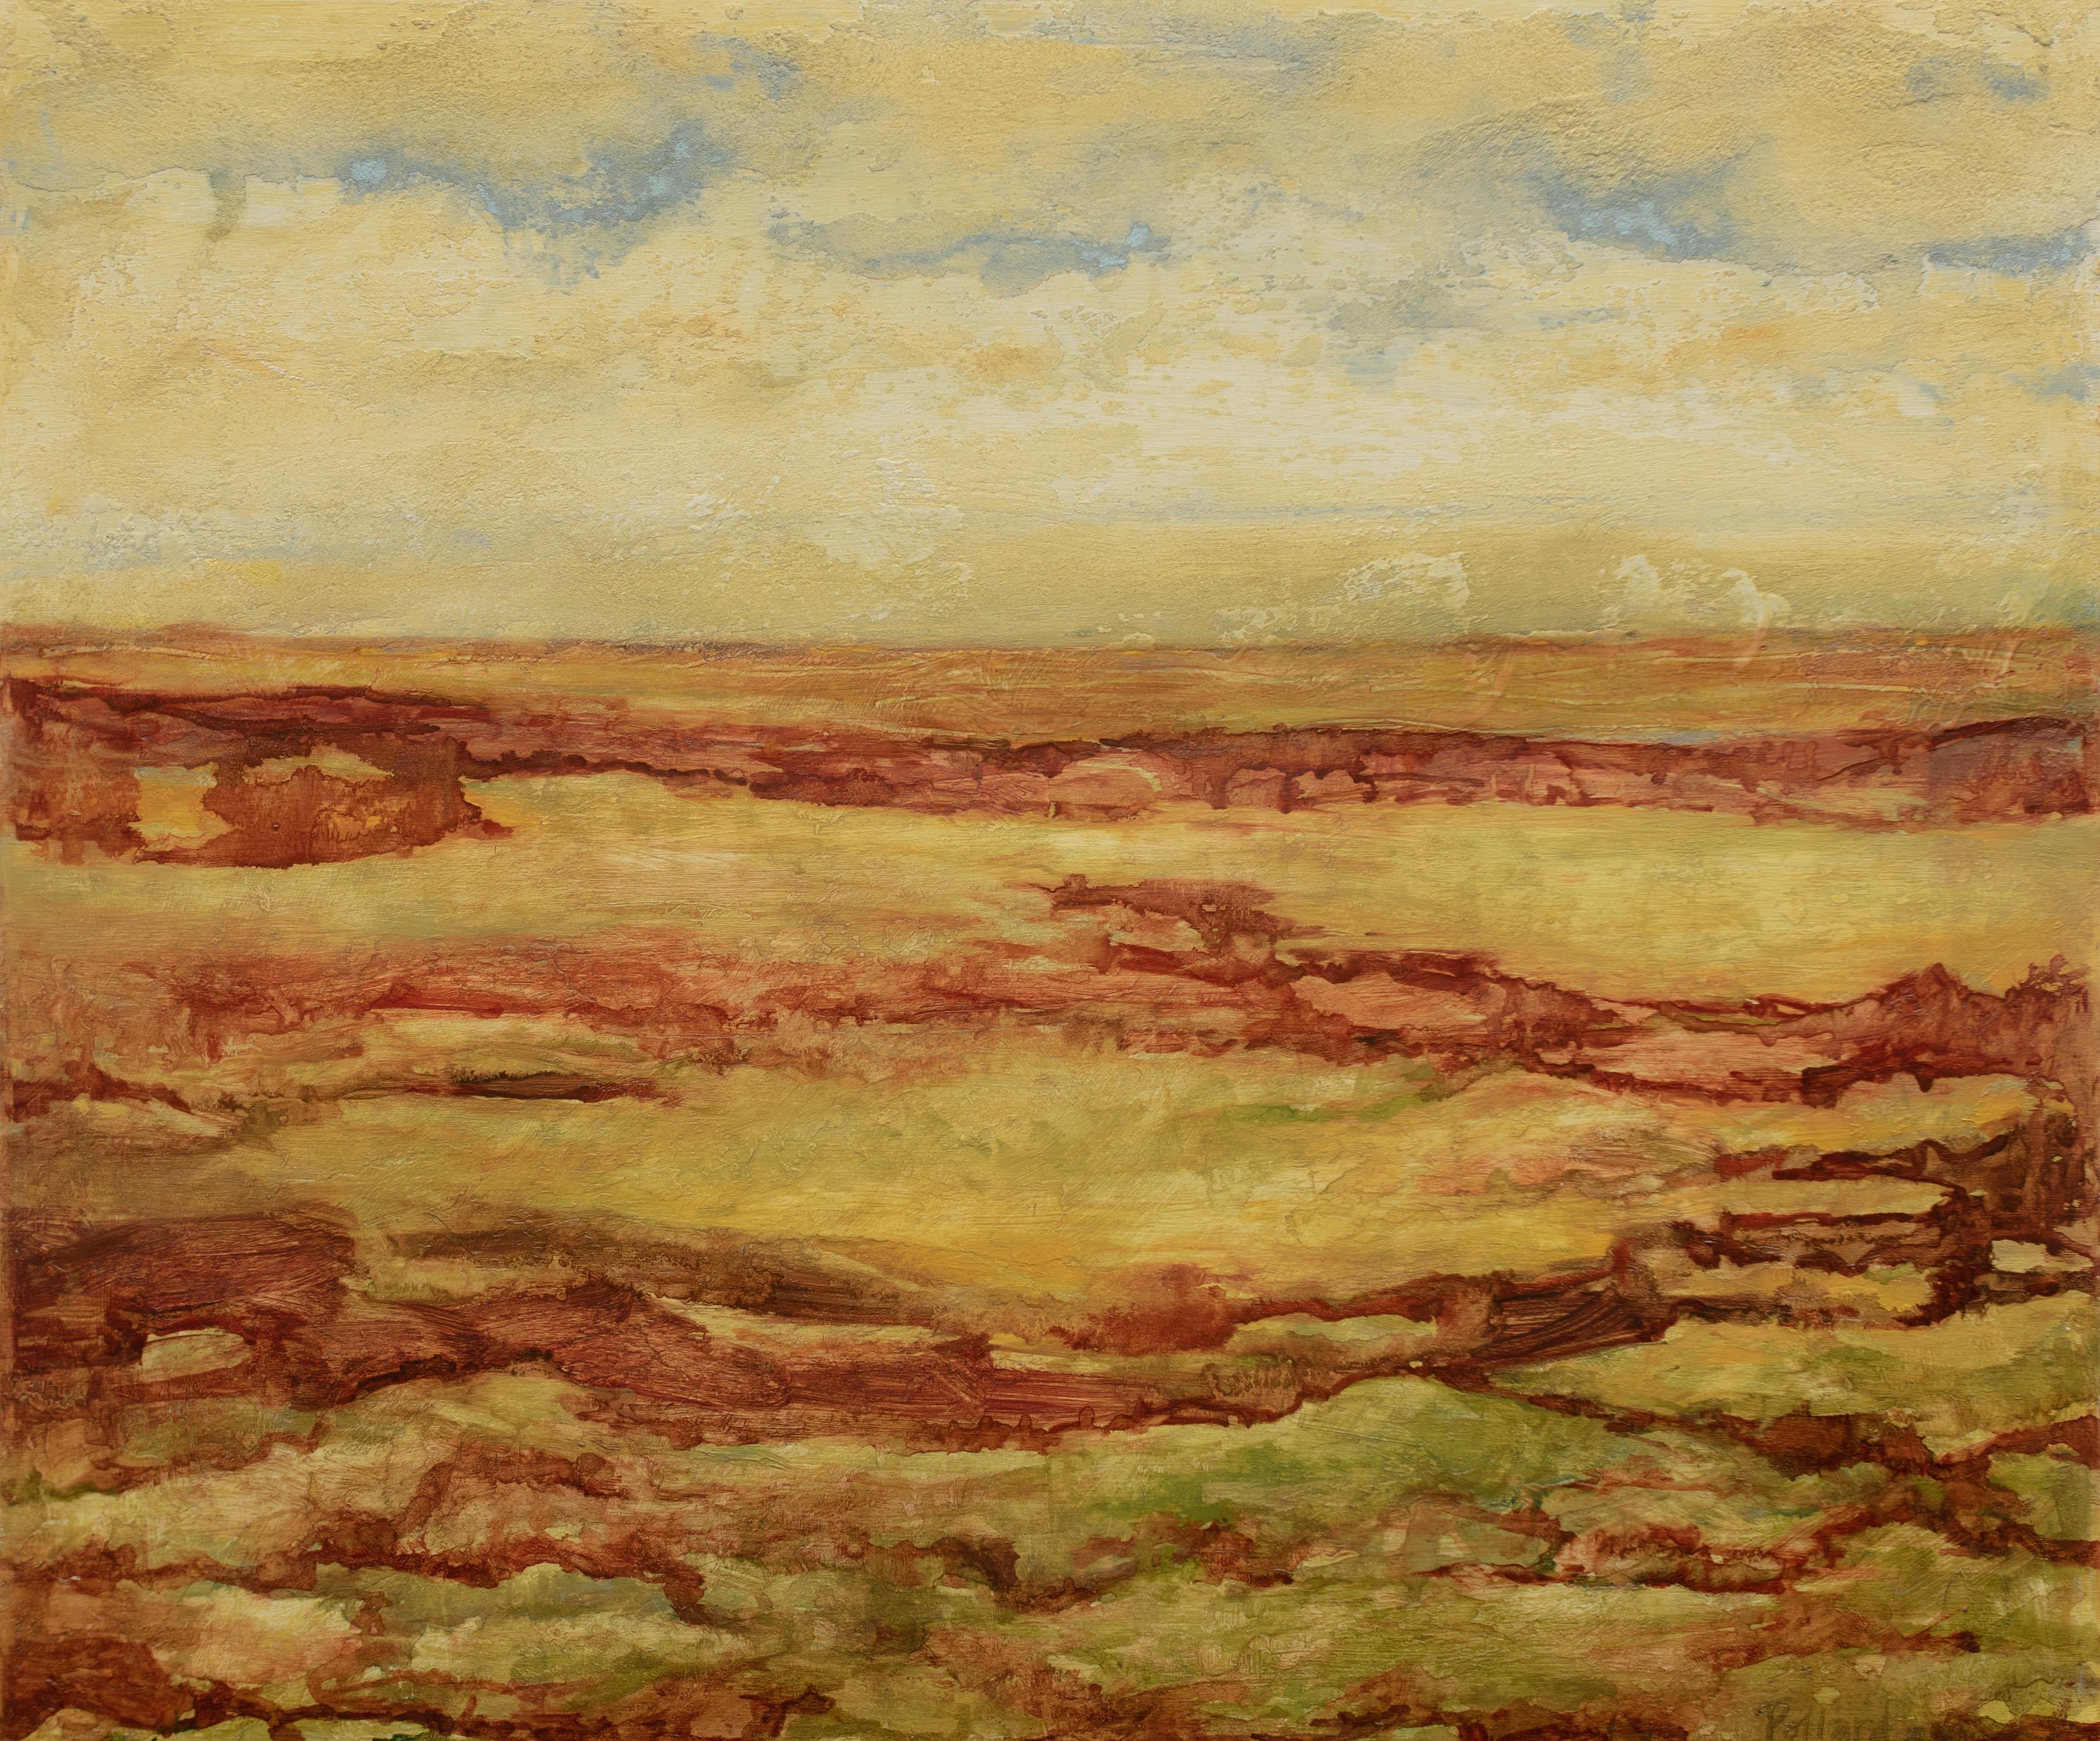 Moorlands | Visceral Landscapes | Artist | Kim Pollard | Canadian Artist | Abstract Landscapes